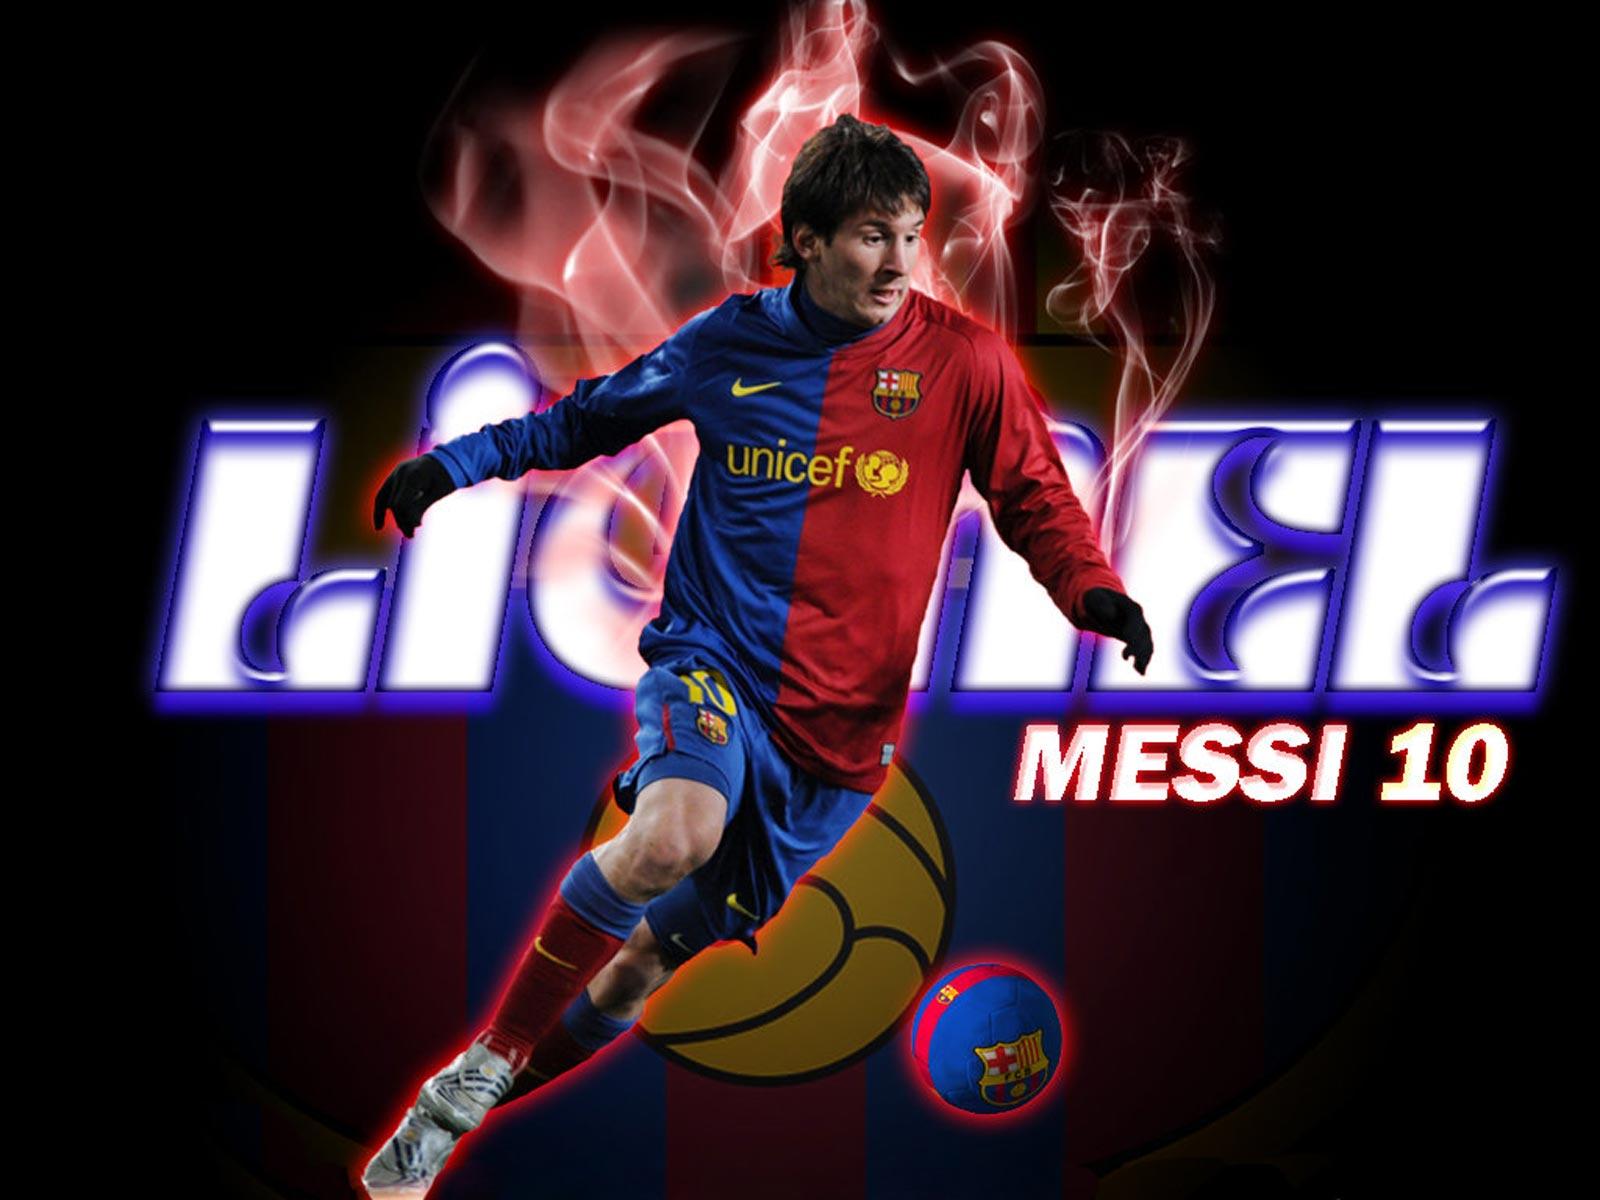 http://4.bp.blogspot.com/-2RTKhDysKJE/ULflxPRdnLI/AAAAAAAAABE/k_aolFNnzs4/s1600/Lionel+Messi+5.jpg